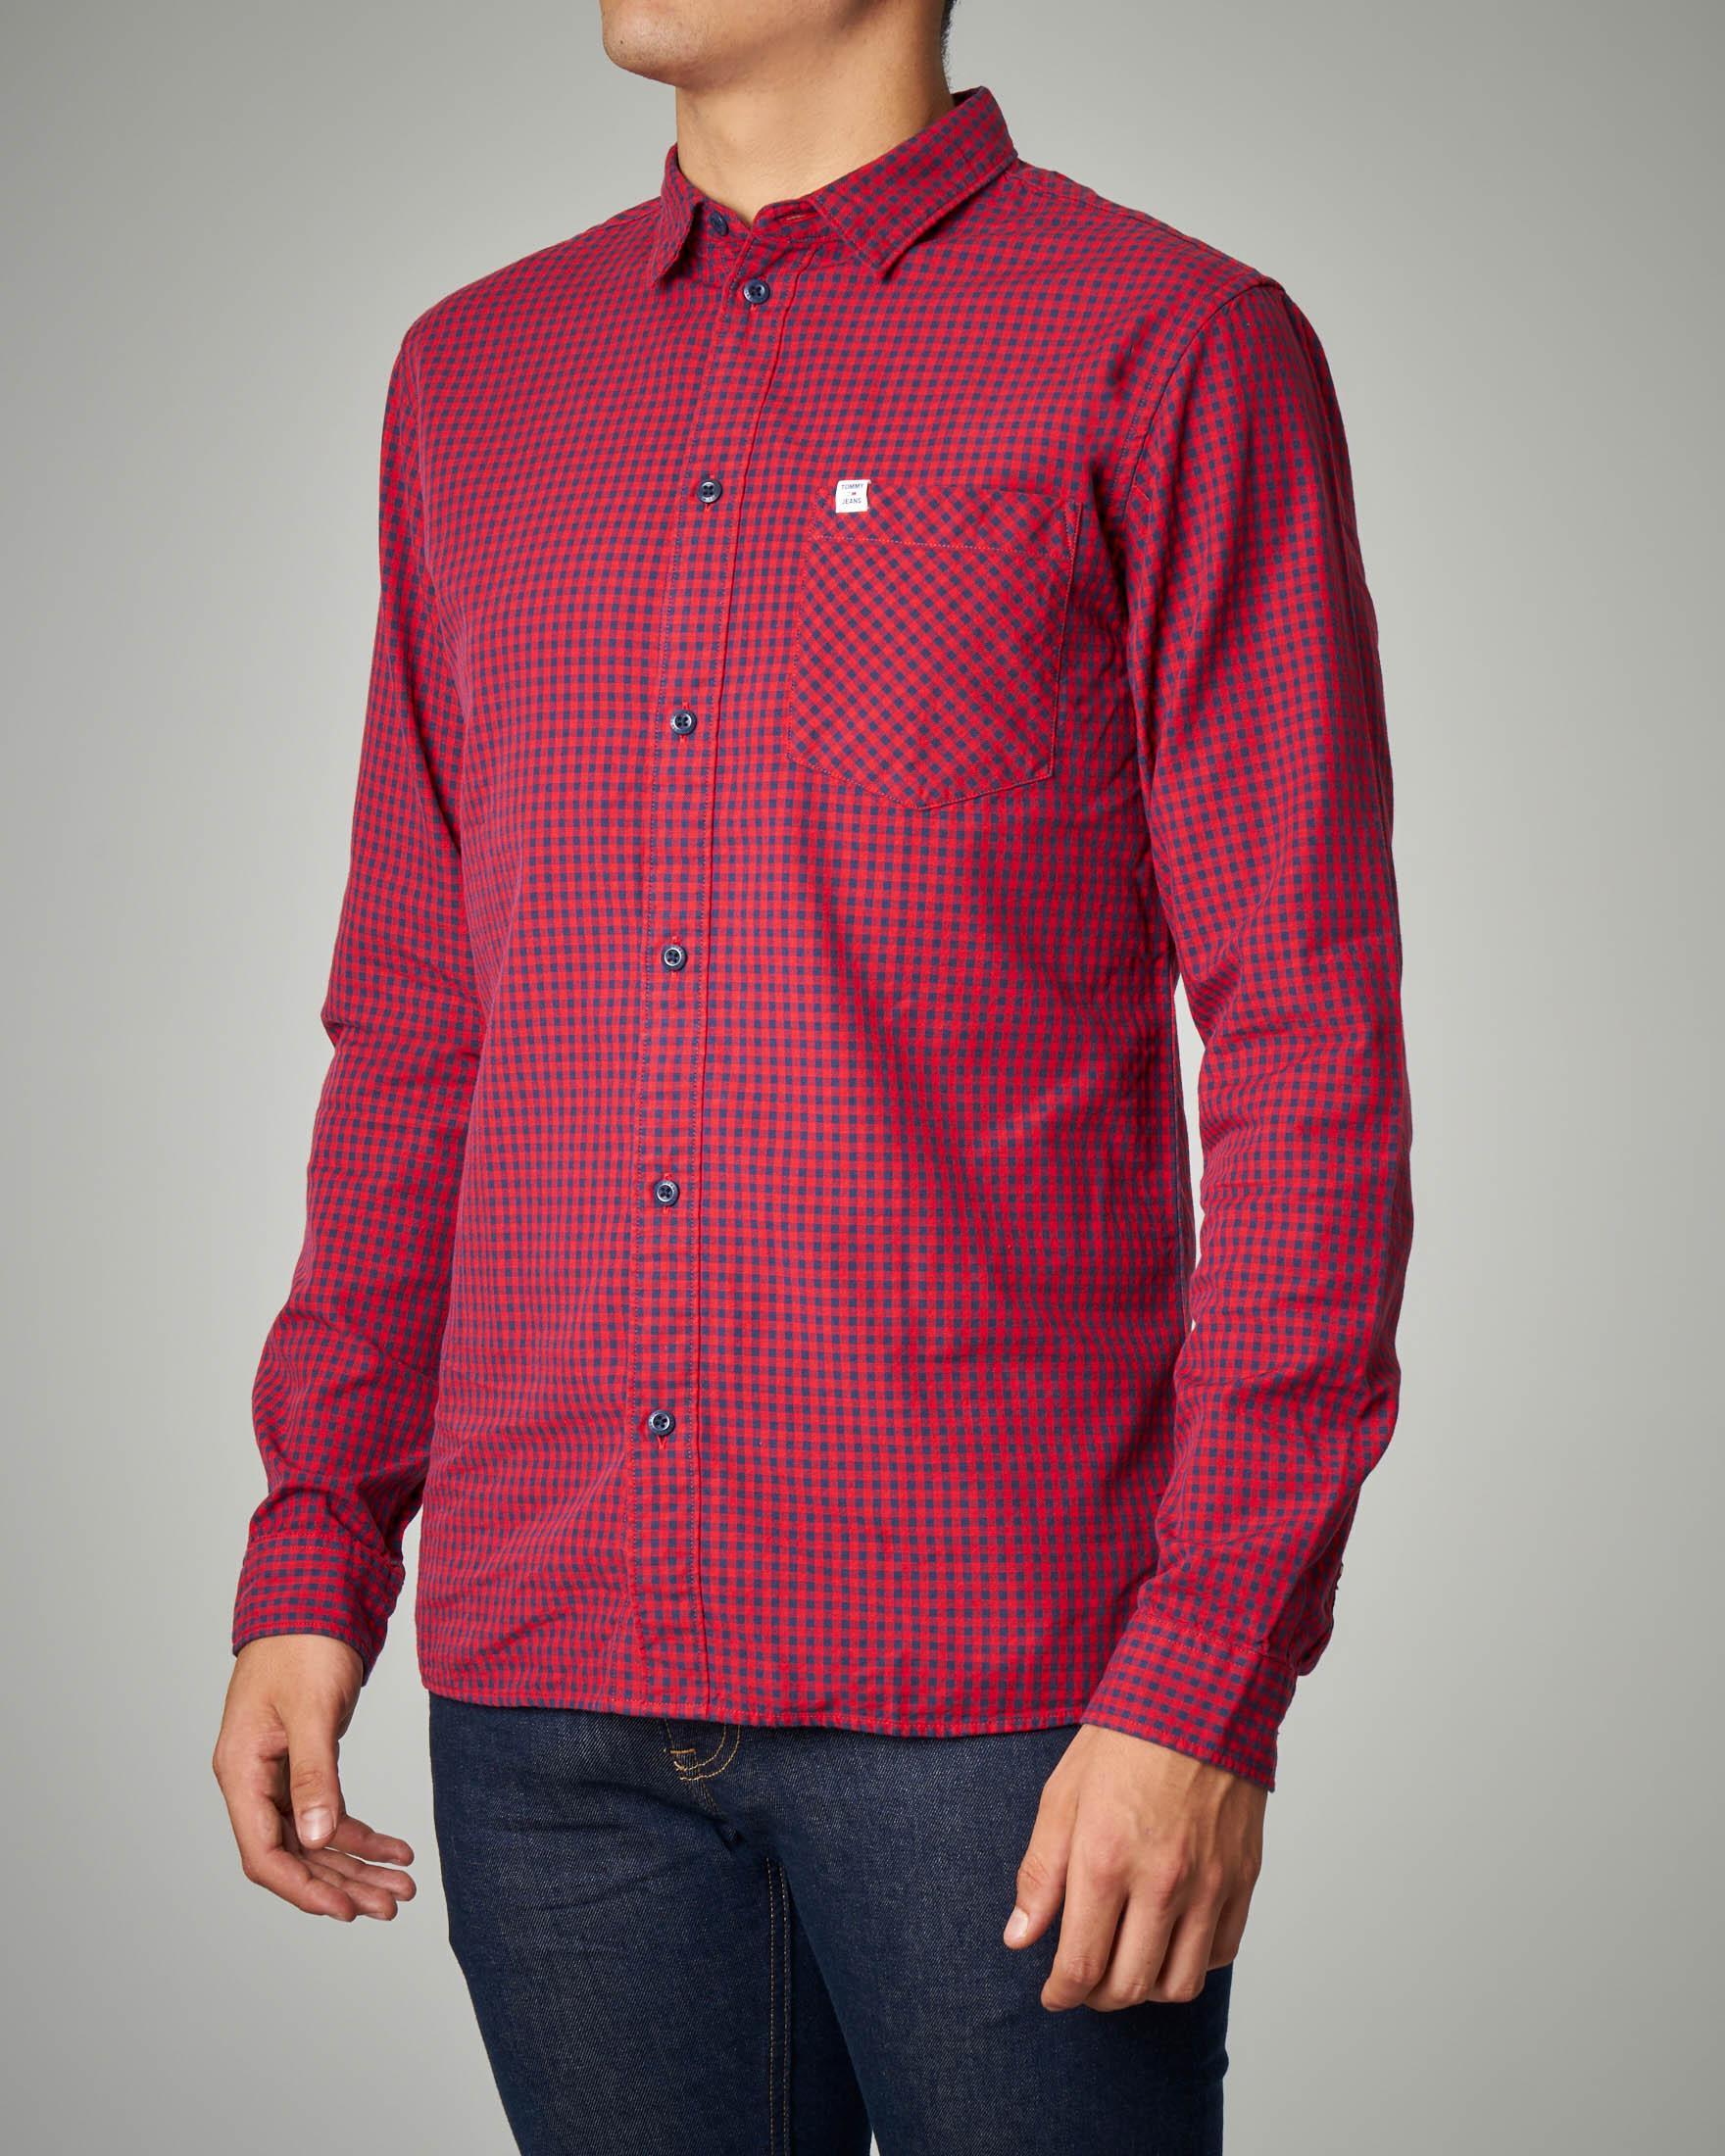 Camicia rossa e blu a quadretti